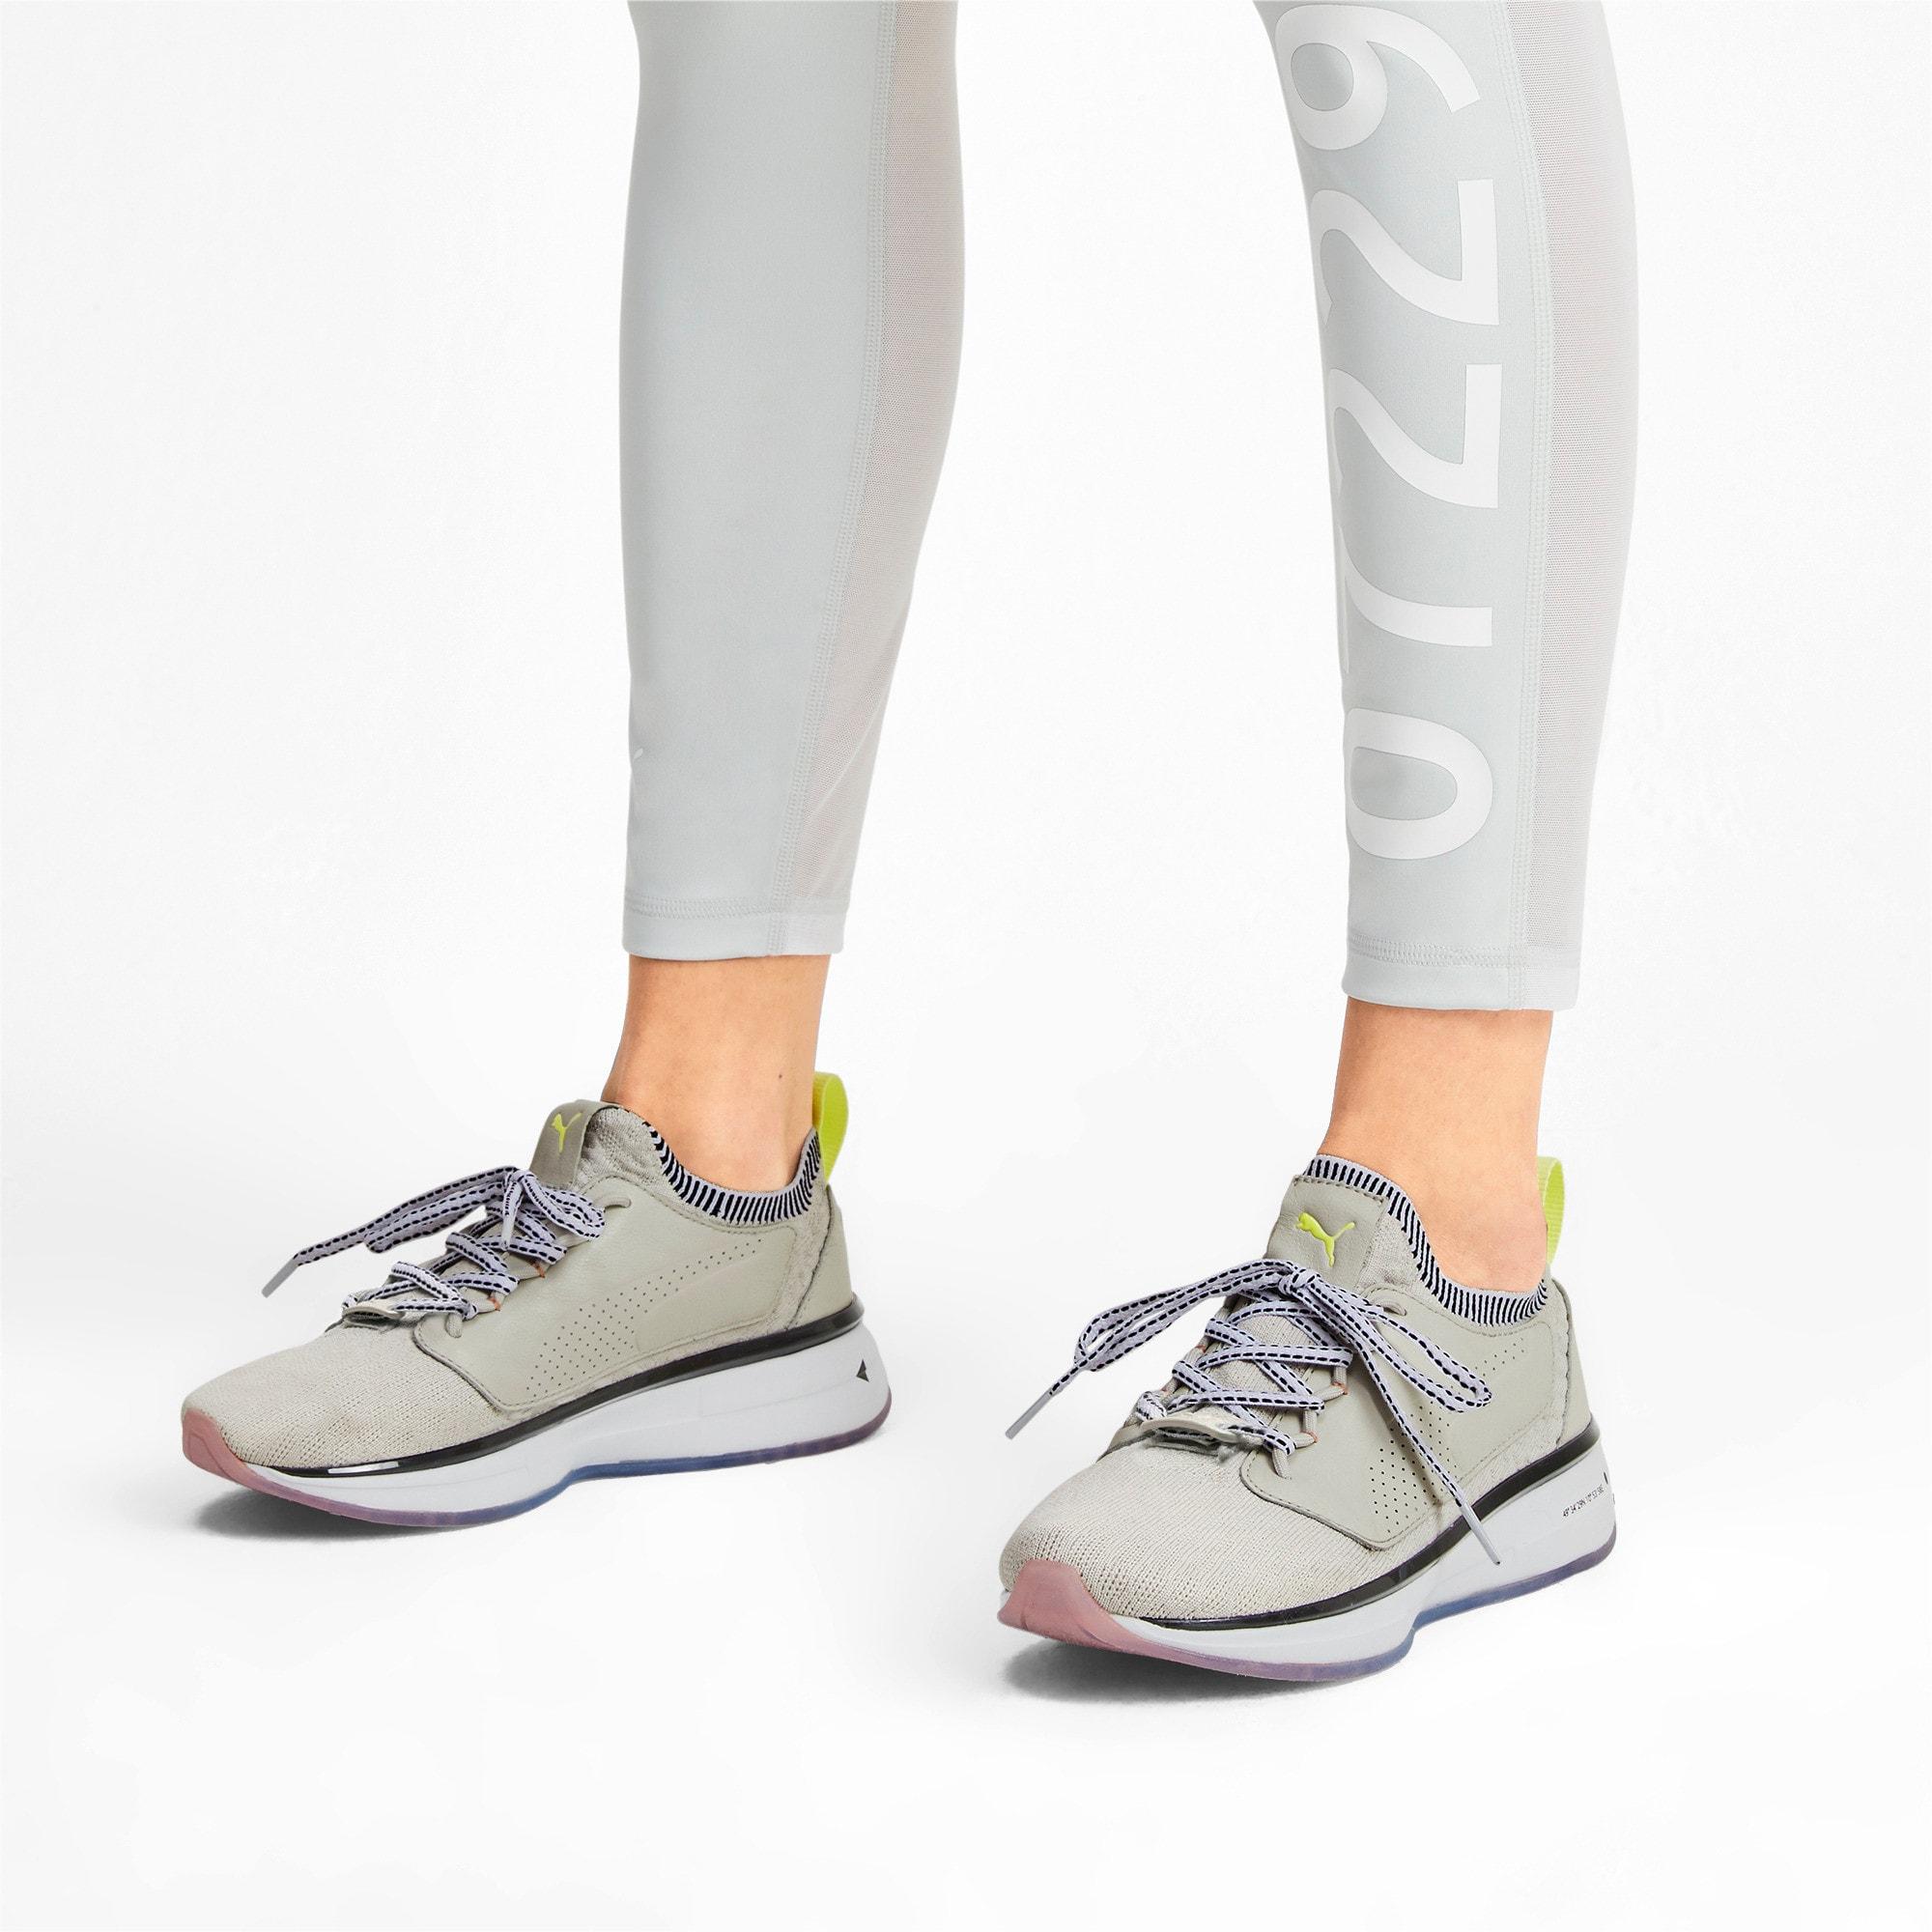 Thumbnail 2 of Chaussure pour l'entraînement PUMA x SELENA GOMEZ Runner pour femme, Glacier Gray-Puma White, medium